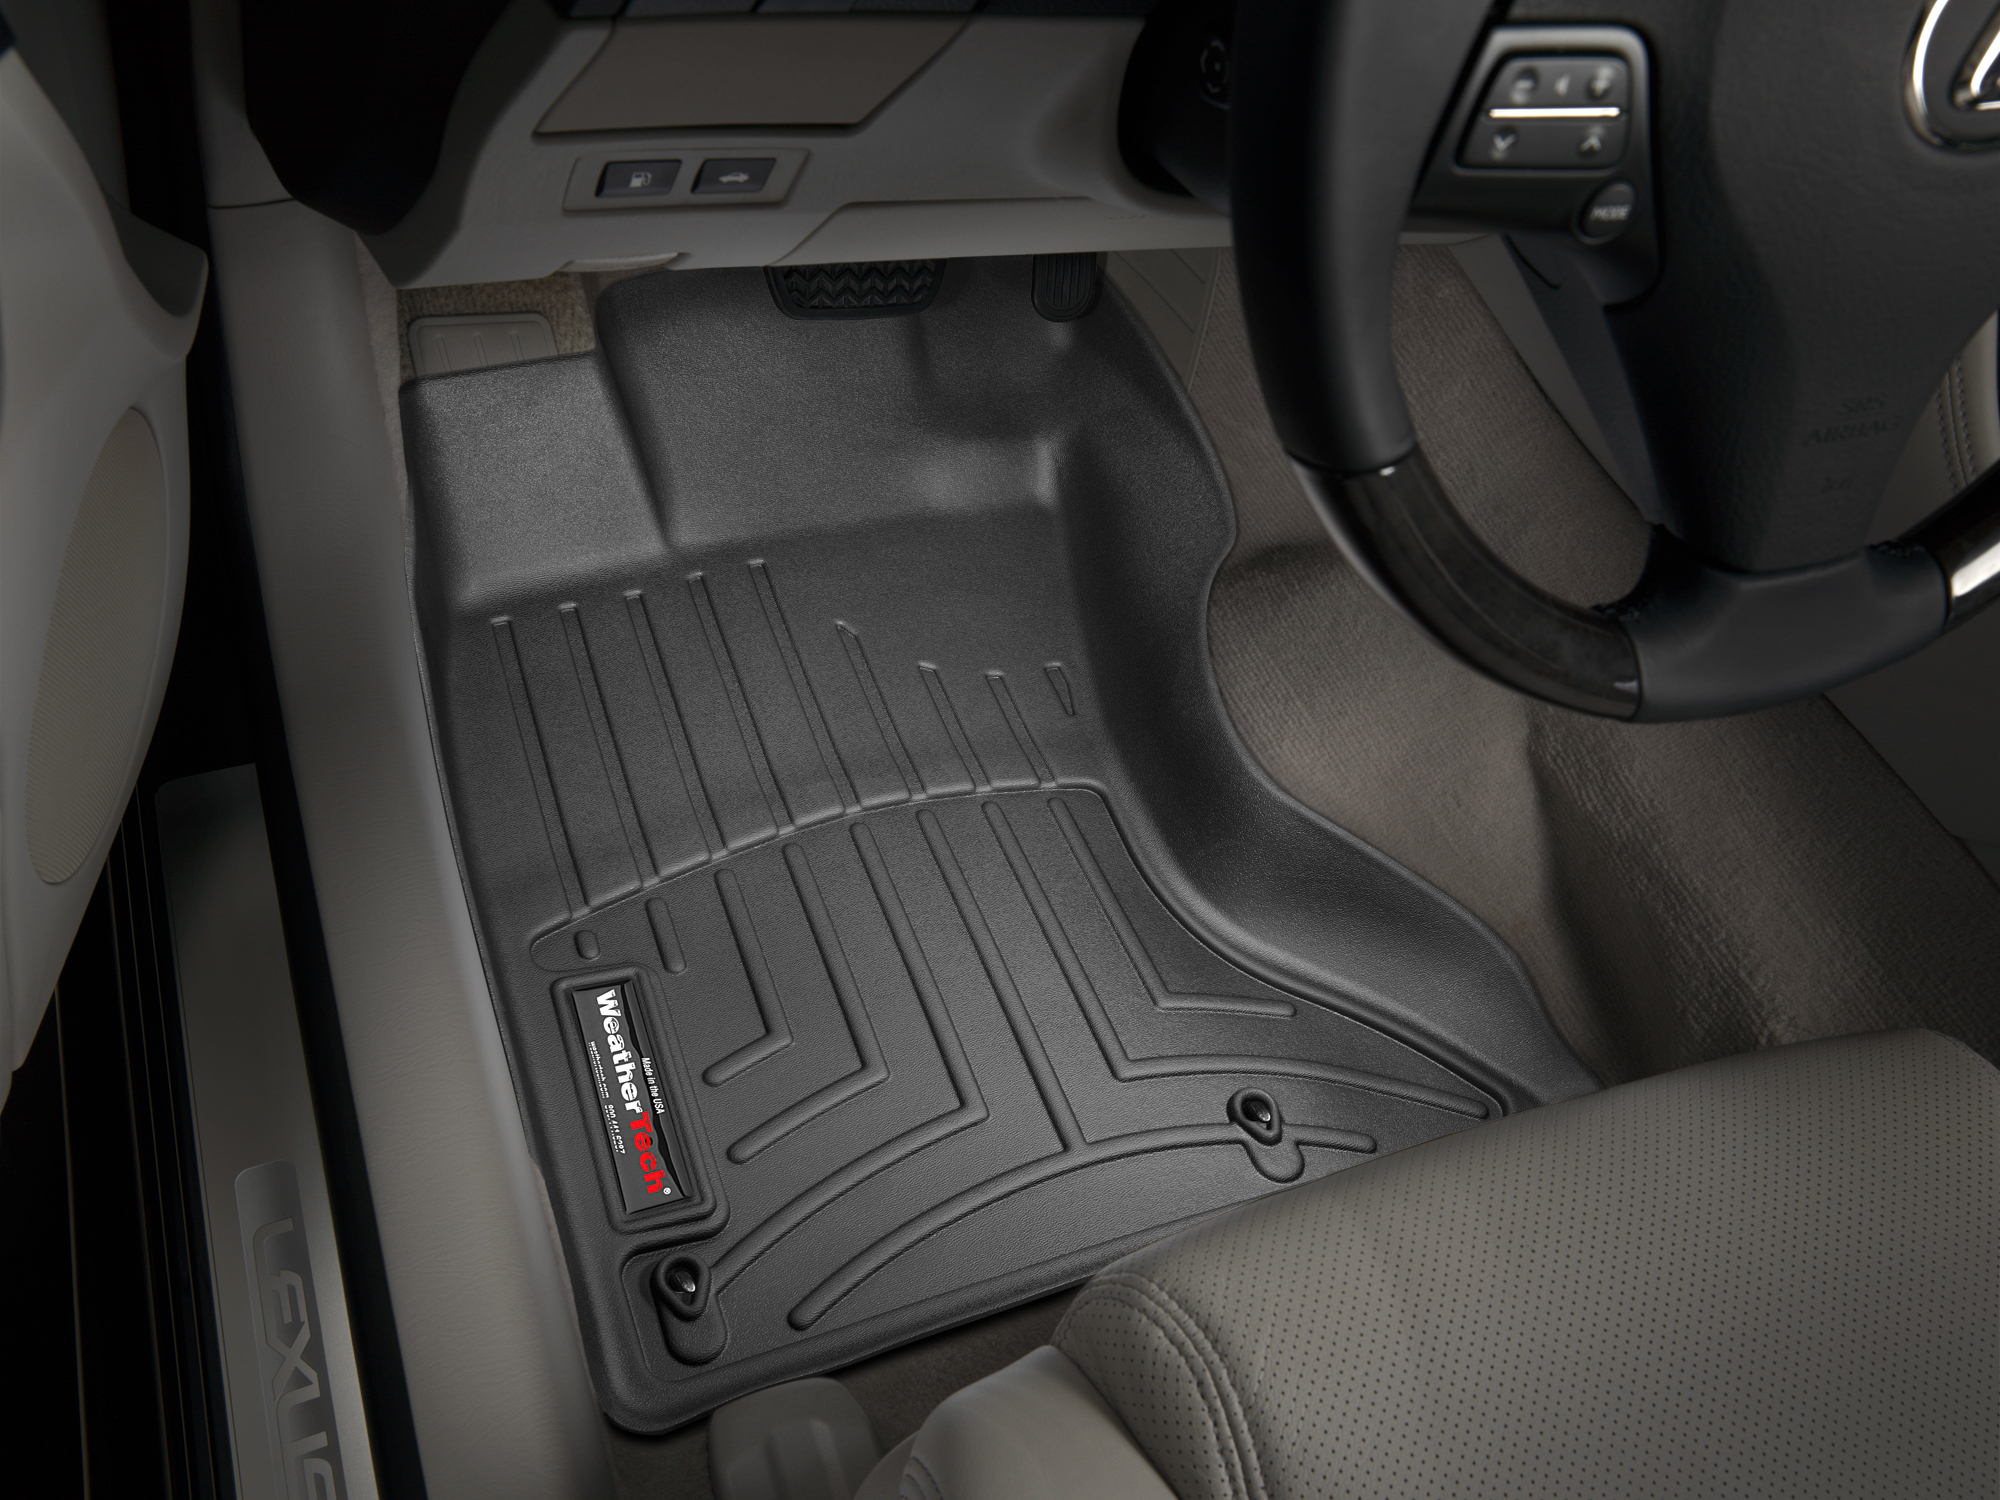 Tappeti gomma Weathertech bordo alto Lexus GS 300 06>06 Nero A2025